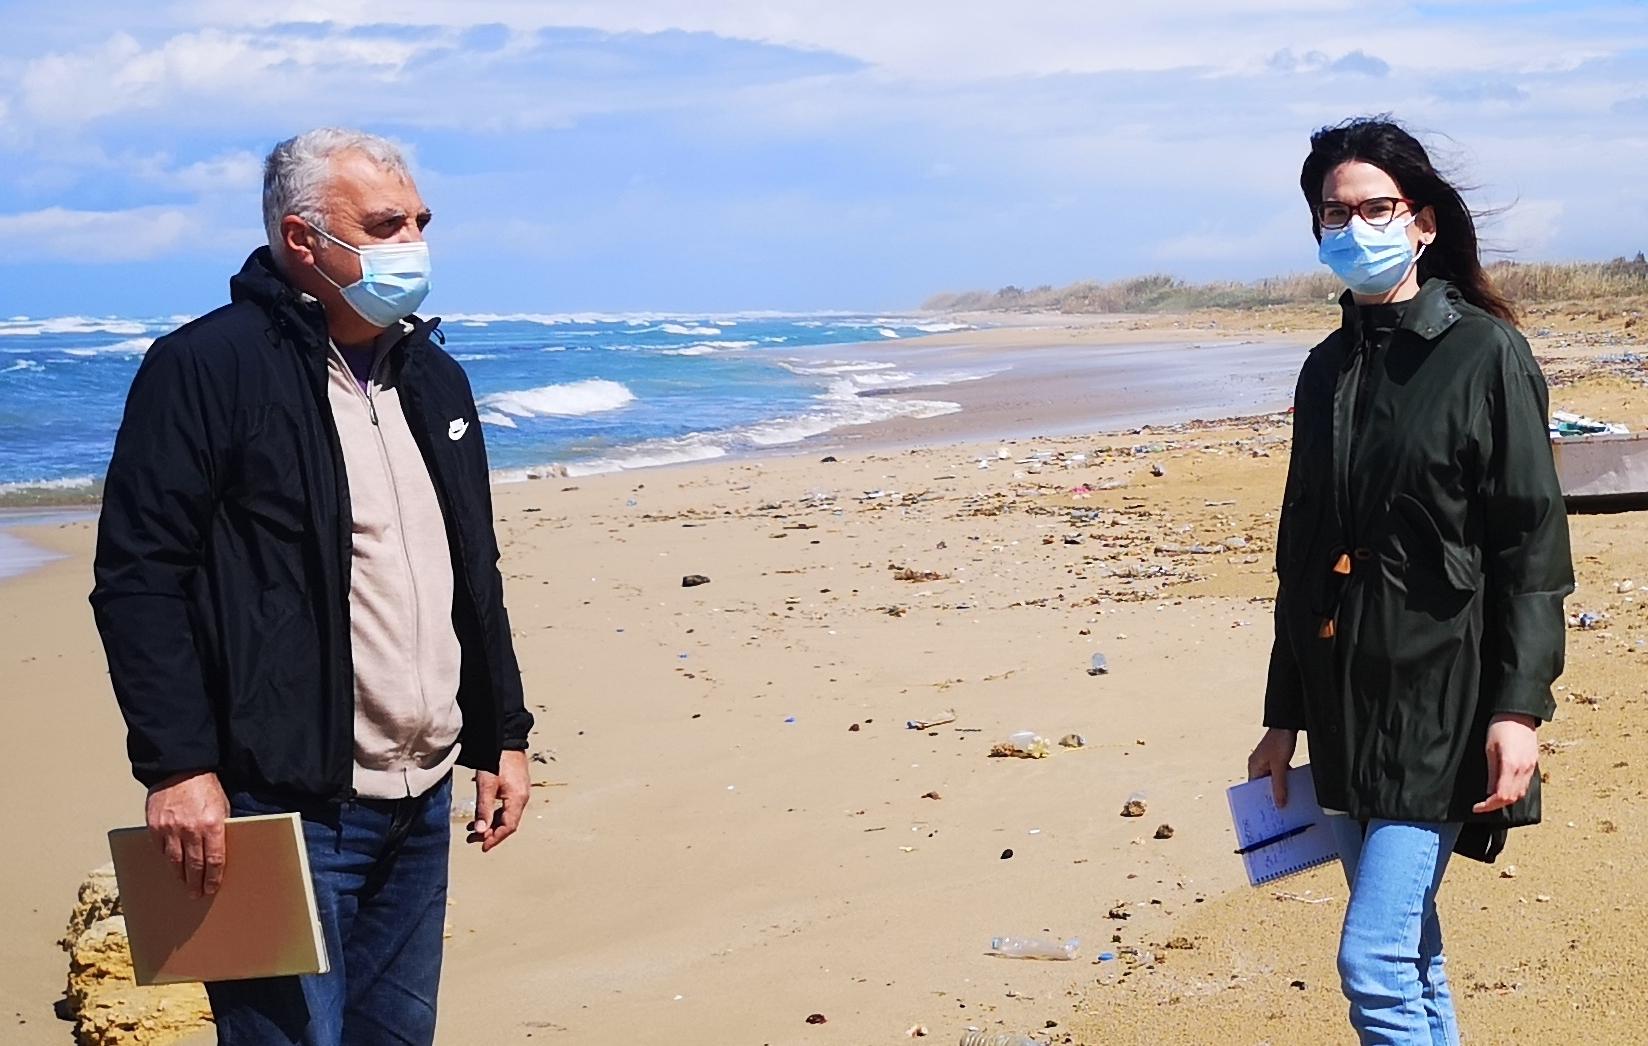 Dvoje stručnjaka ATRAC-a vratilo se iz misije: Savjetovali kako očistiti 100 km obale kod Beiruta